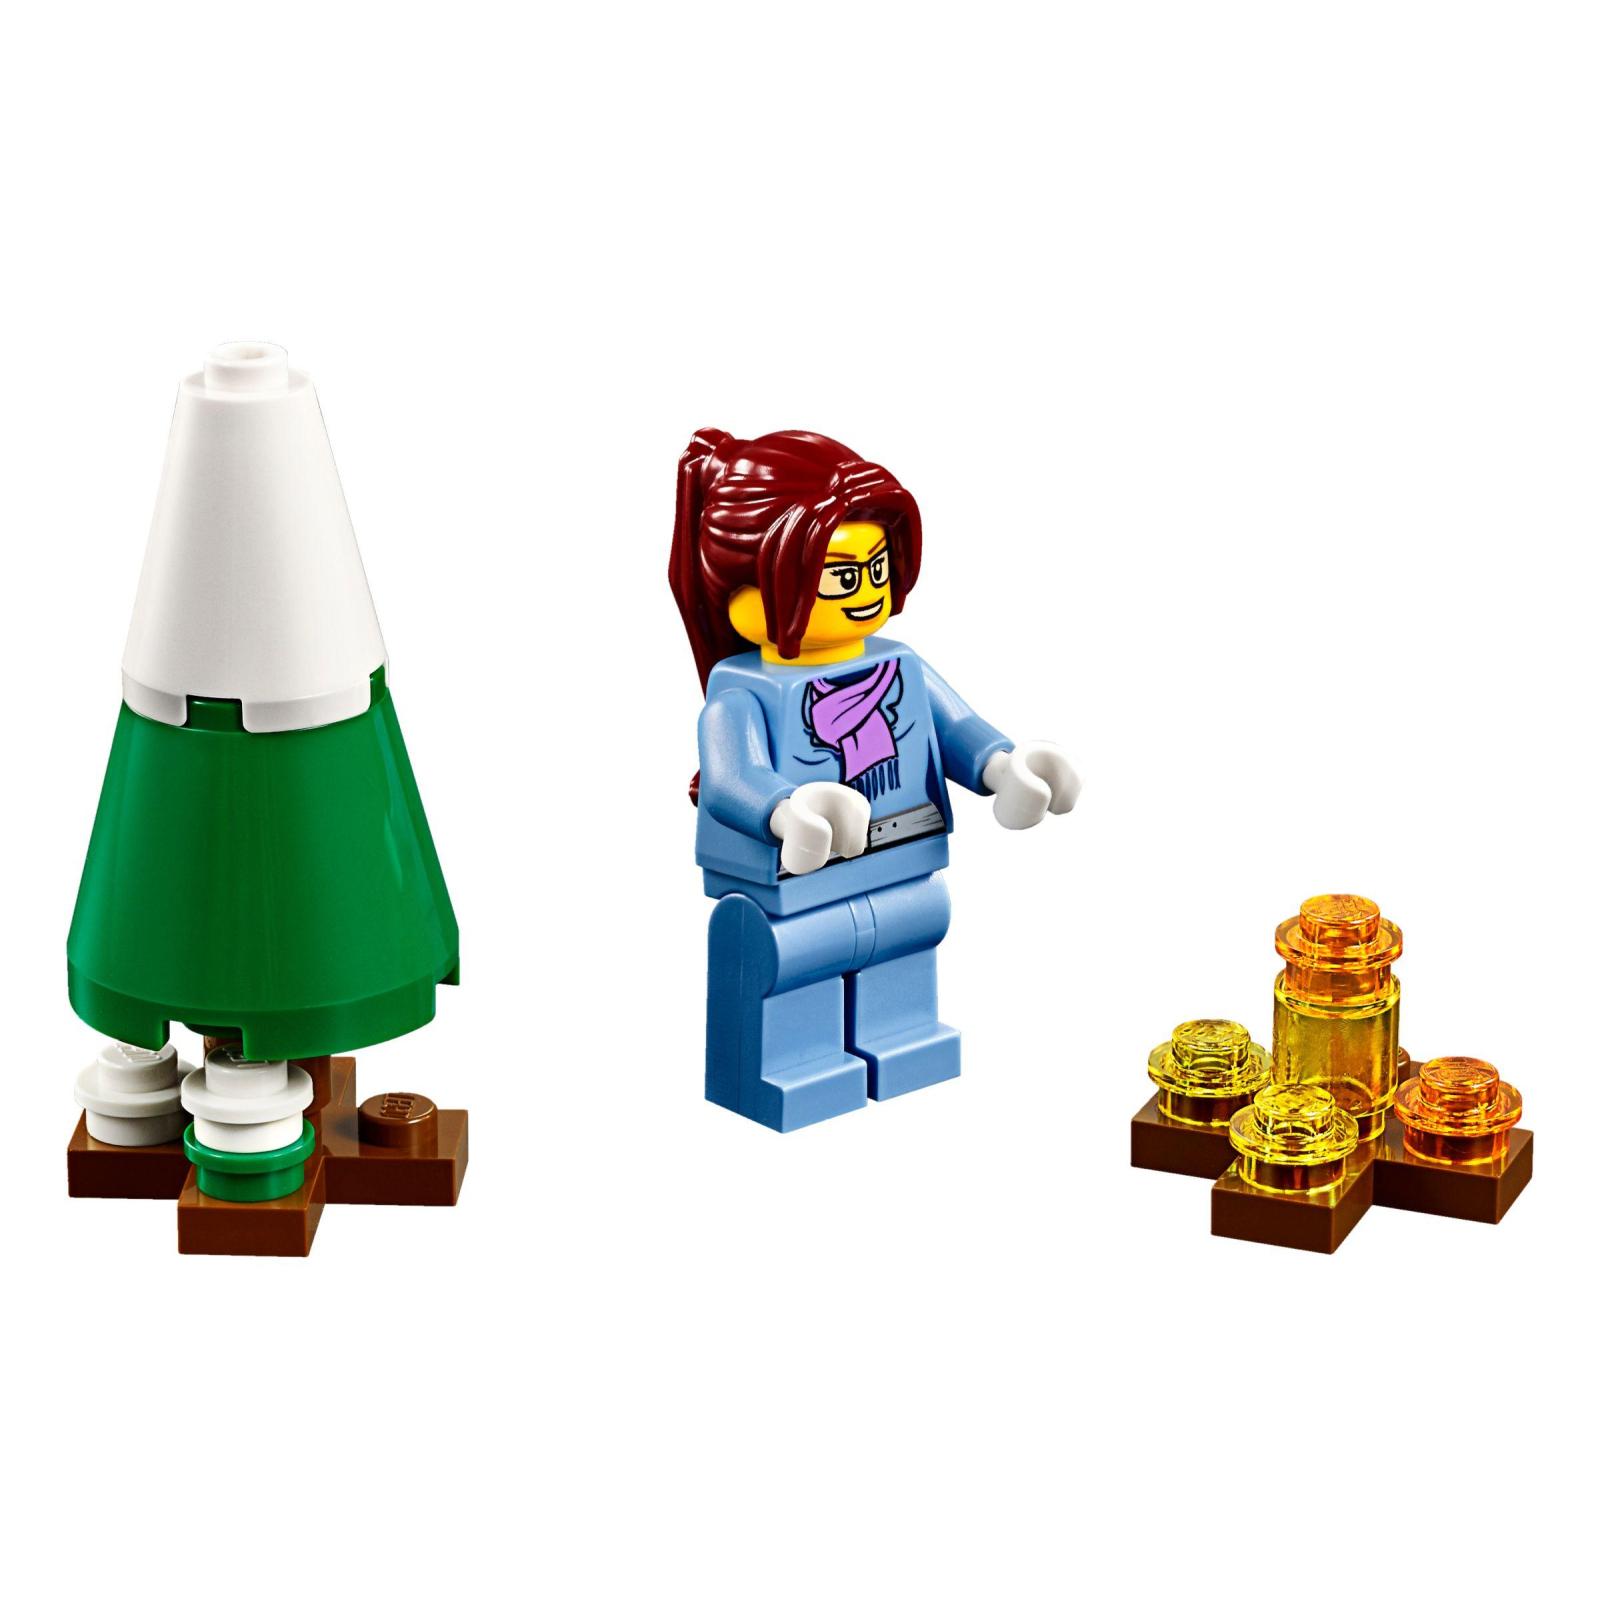 Конструктор LEGO Creator Модульный набор Зимние каникулы (31080) изображение 10